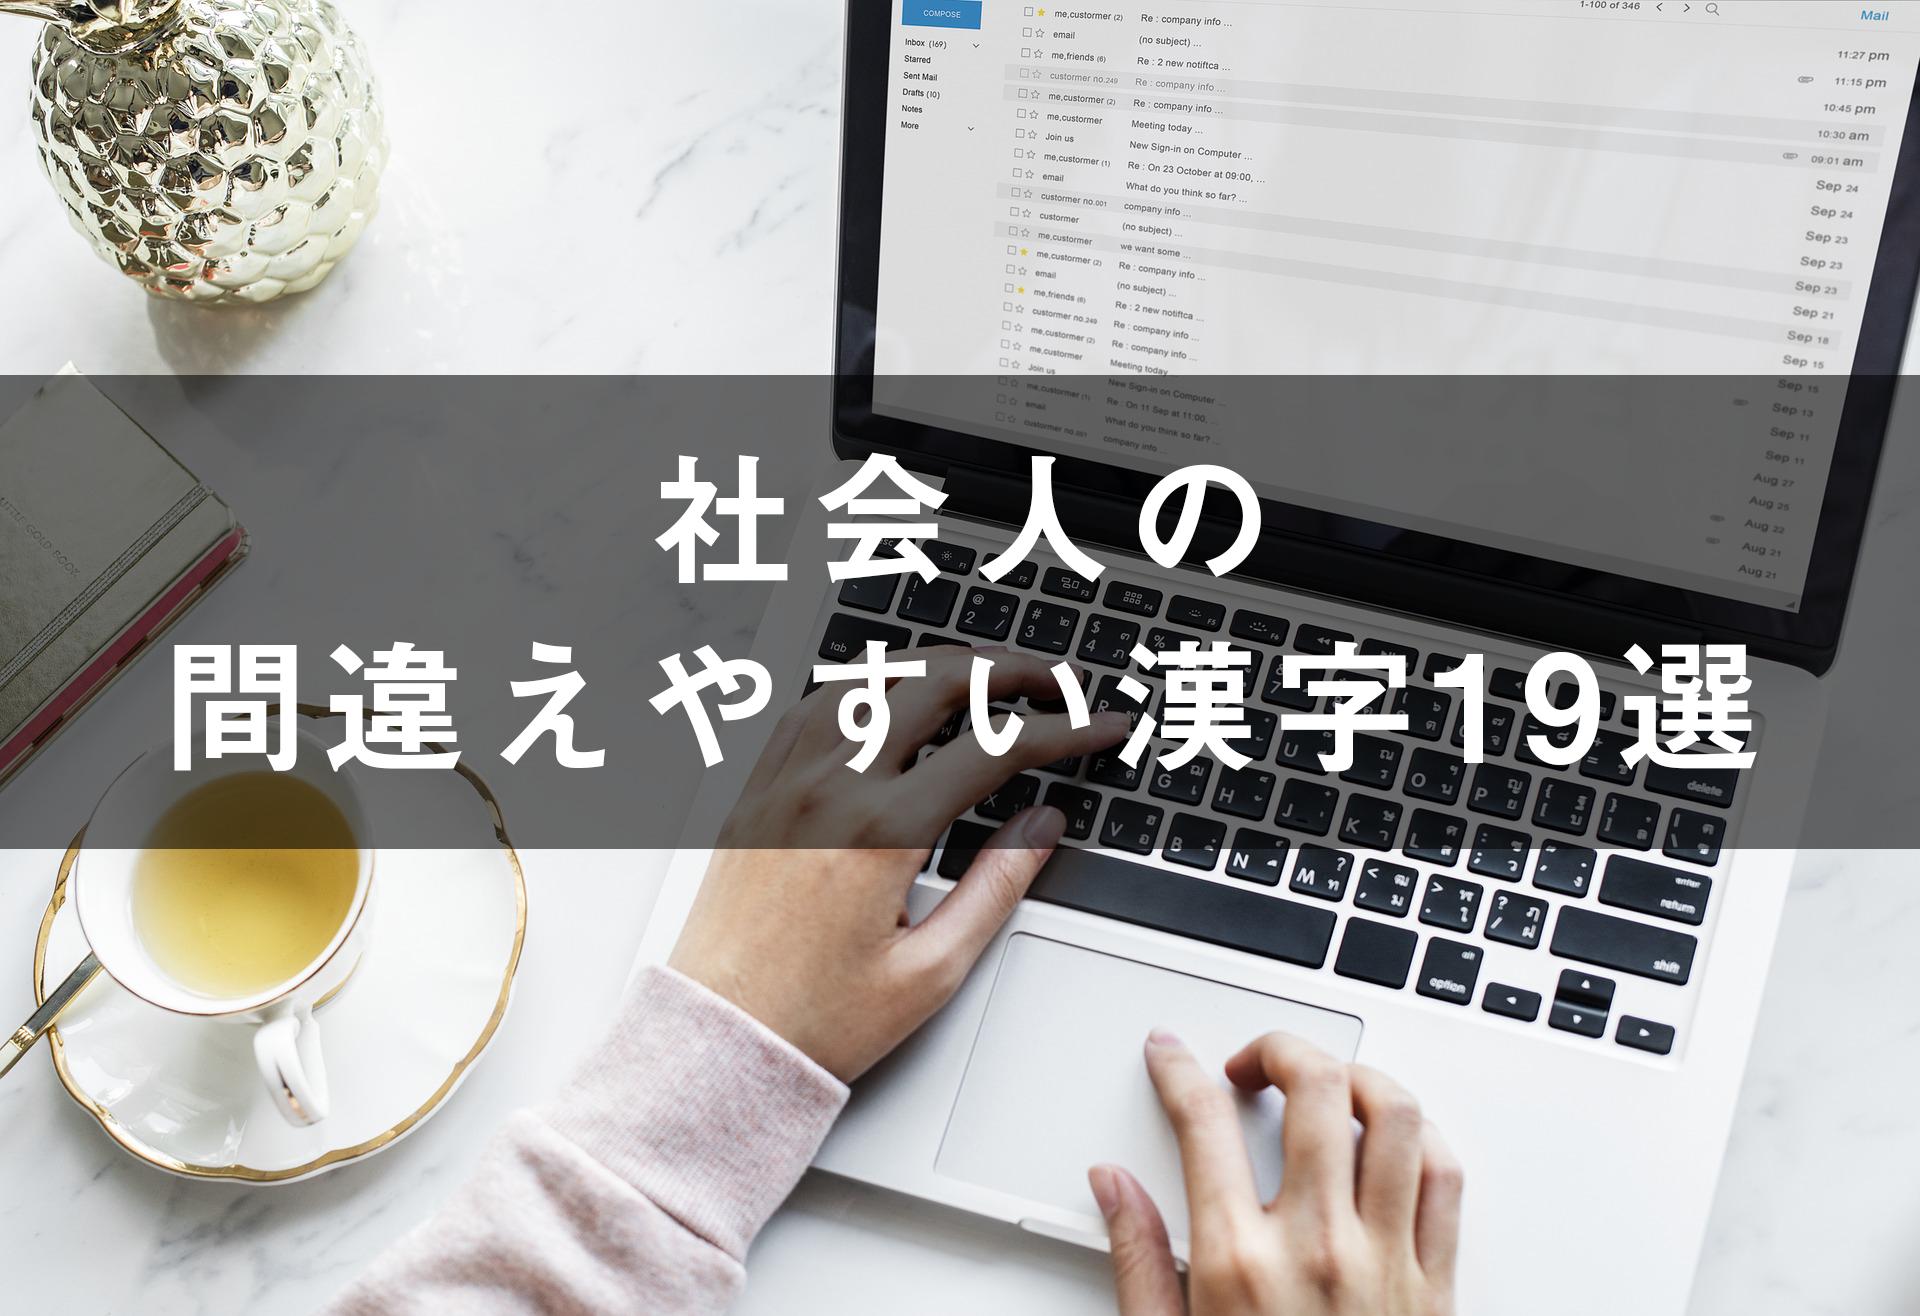 社会人の間違えやすい漢字